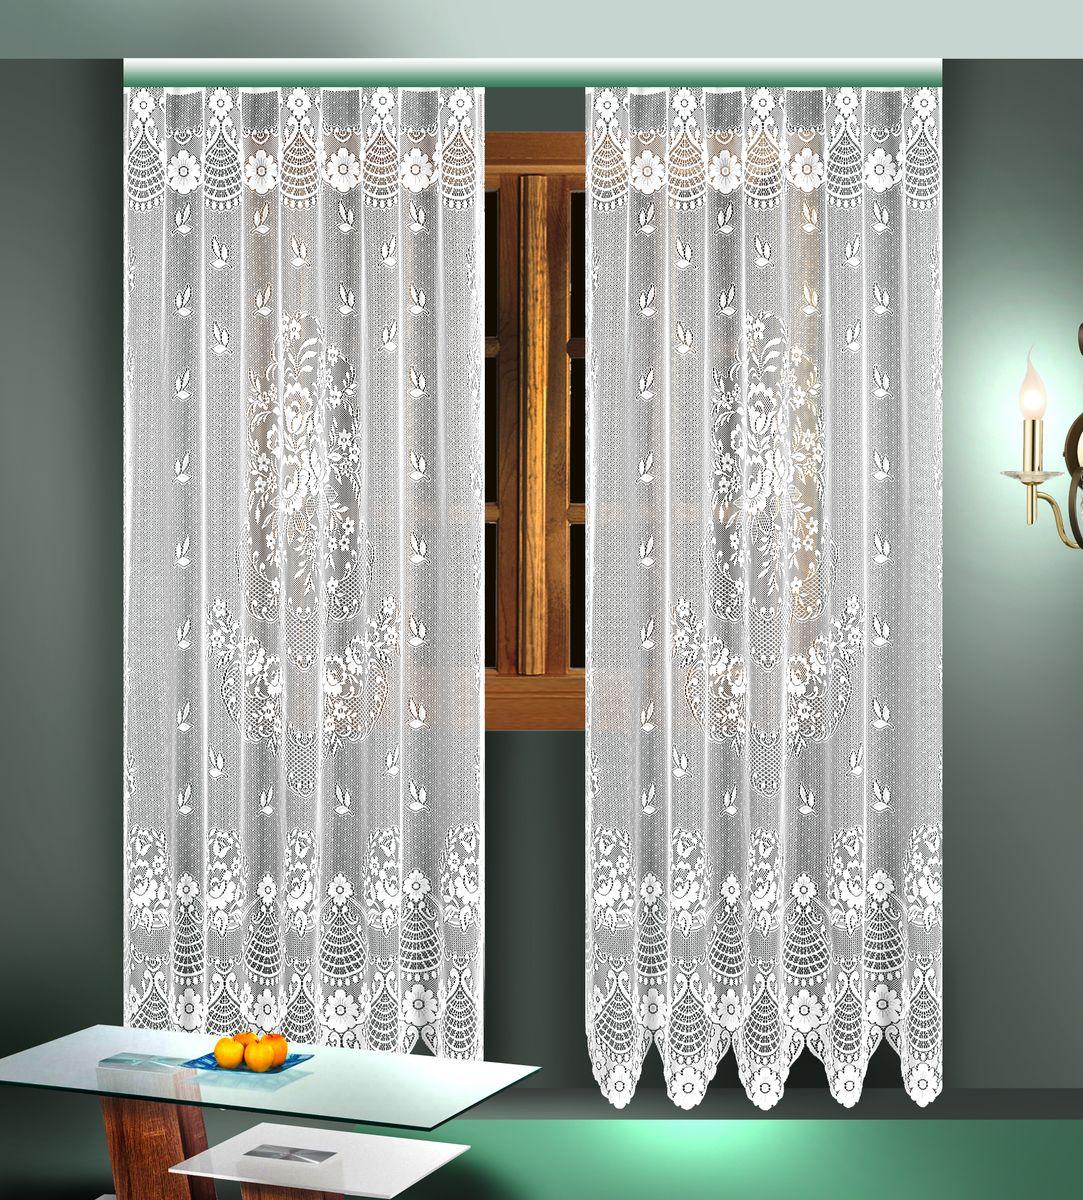 Комплект гардин Zlata Korunka, цвет: белый, высота 245 см. 88824GC013/00Воздушные гардины Zlata Korunka, изготовленные из полиэстера белого цвета, станут великолепным украшением любого окна. Гардины выполнены из сетчатого материала и декорированы цветочным рисунком. Тонкое плетение и оригинальный дизайн привлекут к себе внимание и органично впишутся в интерьер. Верхняя часть гардин не оснащена креплениями.В комплект входит: Гардина - 2 шт. Размер (Ш х В): 165 см х 245 см.